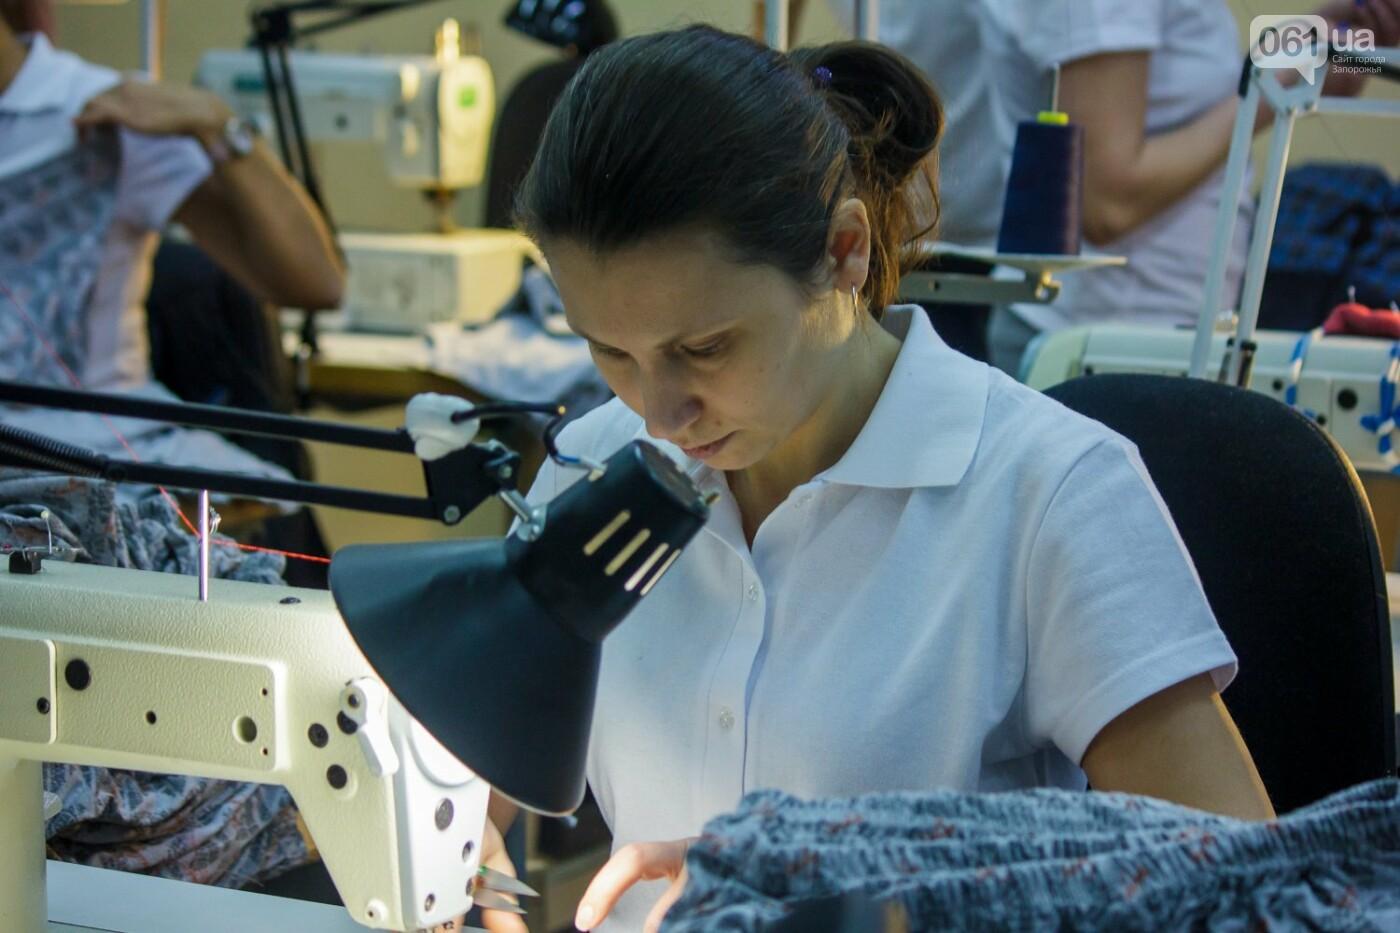 Как в Запорожье шьют мужское белье: экскурсия на трикотажную фабрику, – ФОТОРЕПОРТАЖ, фото-30